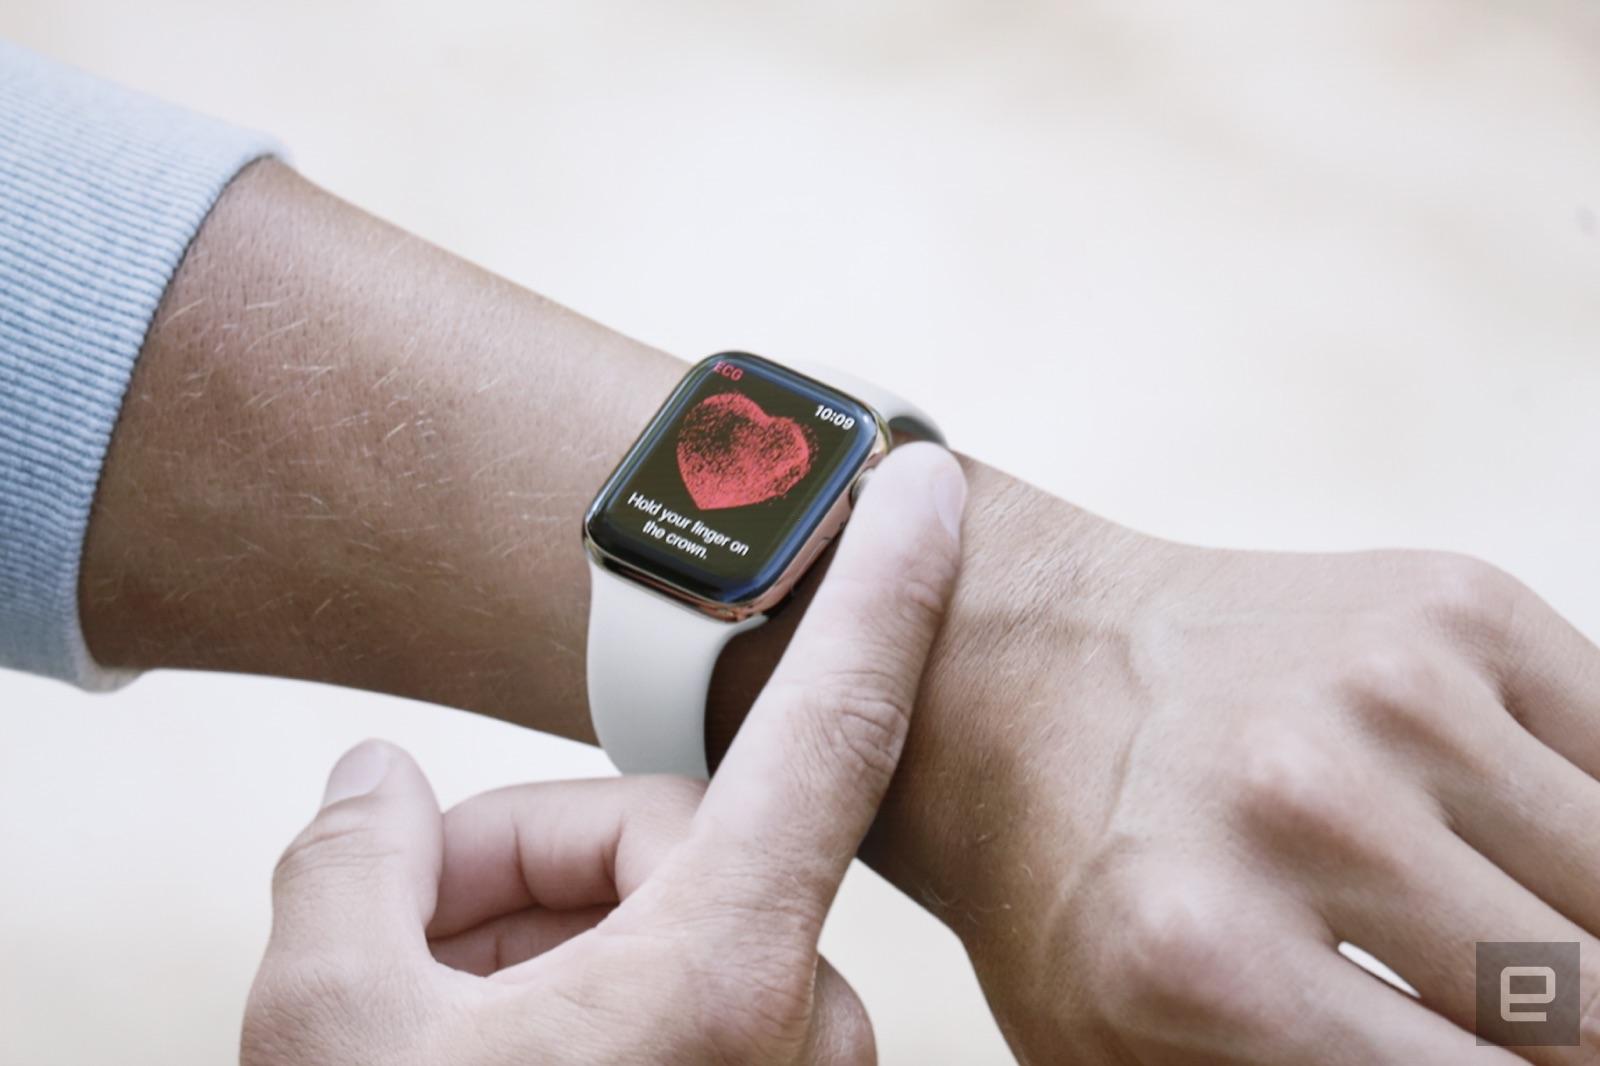 20b2066731 Apple Watch Series 4の心電図(ECG)、日本では使えない? Appleに聞いてみた(訂正) - Engadget 日本版